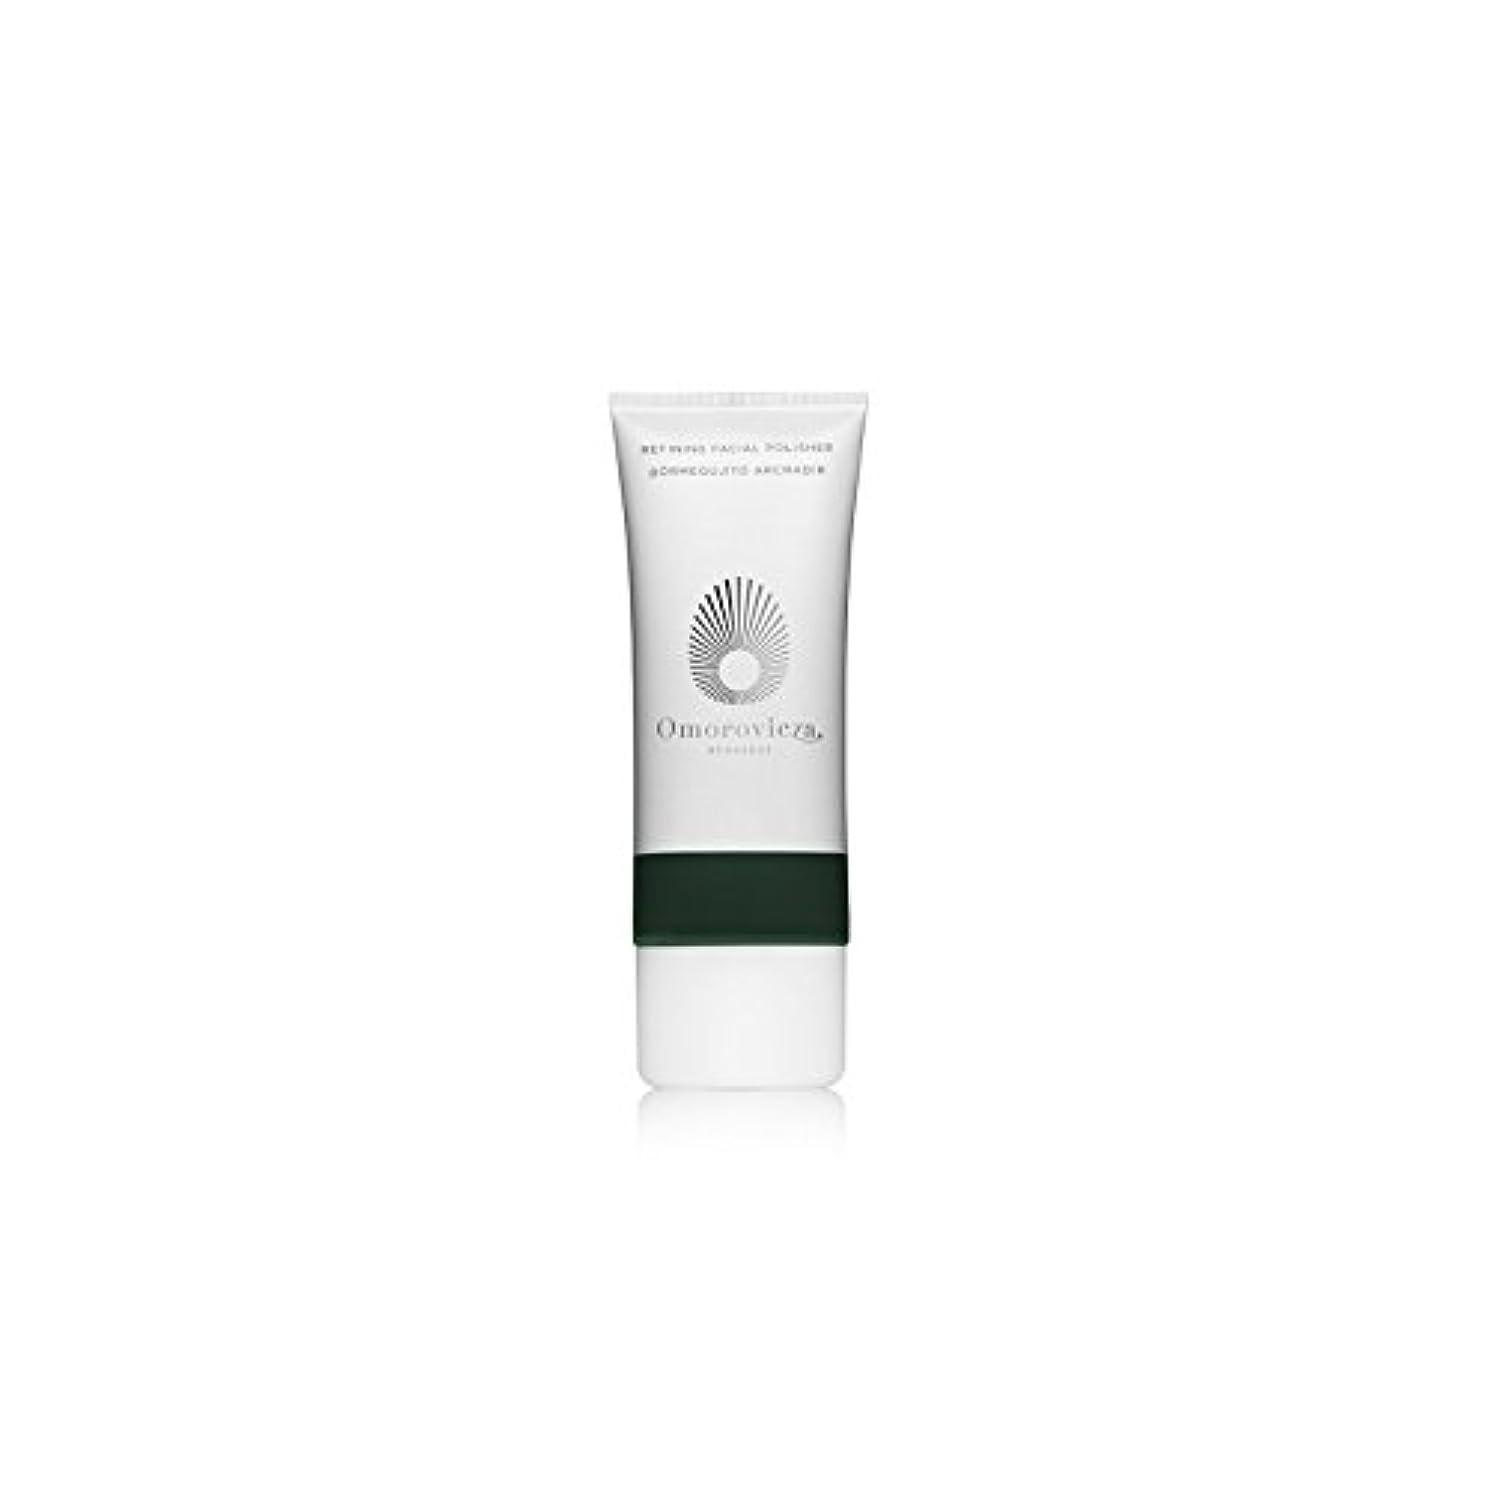 Omorovicza Refining Facial Polisher (100ml) - 精錬顔のポリッシャー(100ミリリットル) [並行輸入品]